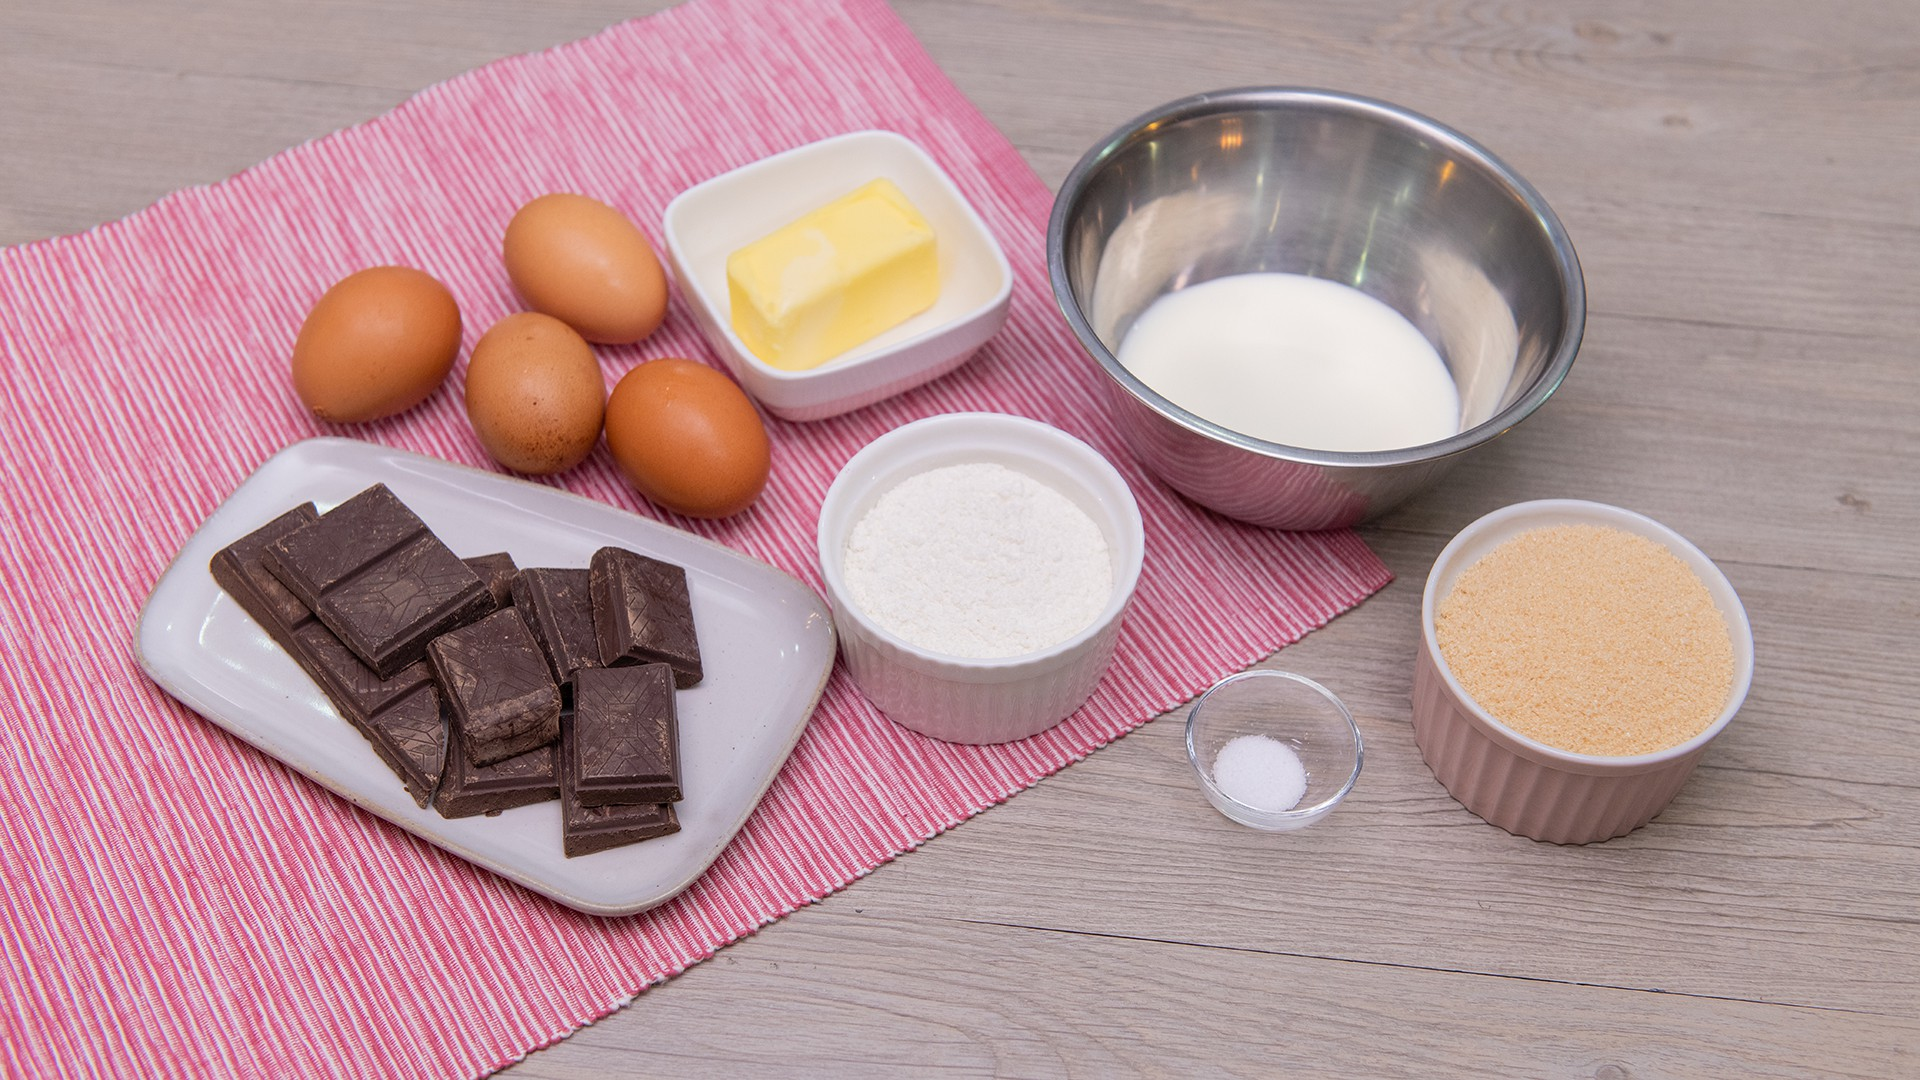 Công thức làm bánh chocolate tan chảy đảm bảo thành công dù vụng cỡ nào đi nữa